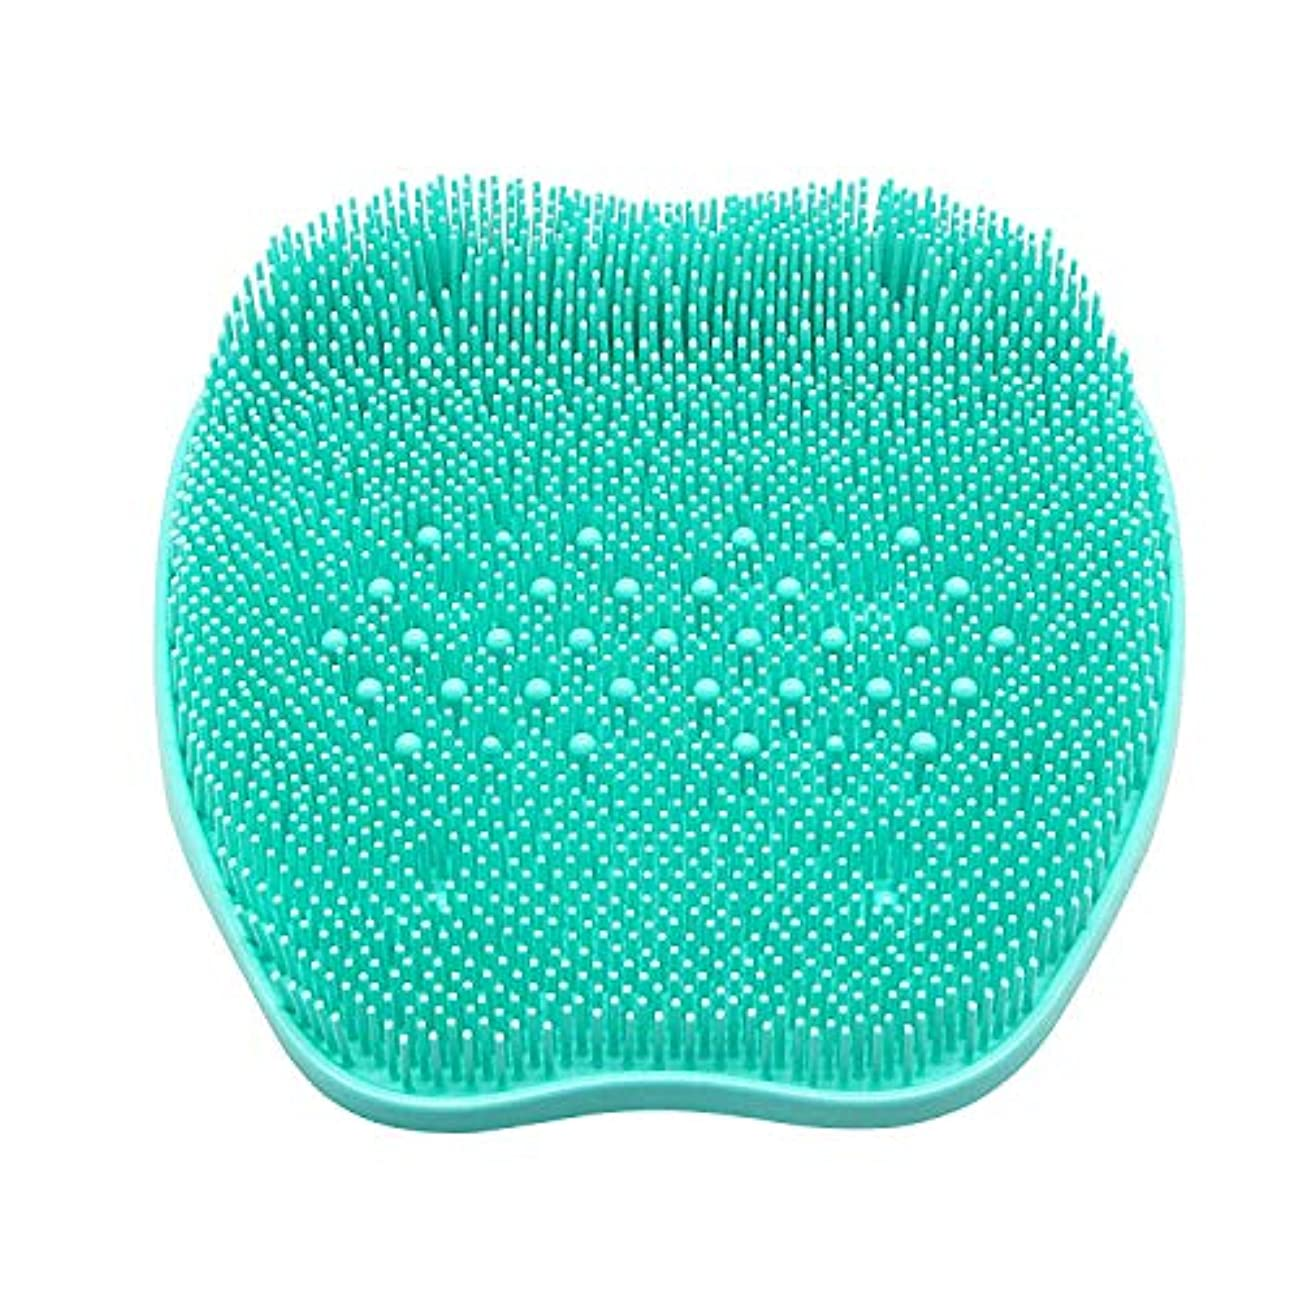 余分な有益な配偶者CERRXIAN フットブラシ 足洗いマット 足裏の血行促進 足裏爽快フットブラシ角質 臭い 防止、シリコンフットバーシュスクラバーマッサージャーシャワーフットブラシディープクリーンエクスフォリエイトスパが循環を促進(ビーズ、緑)